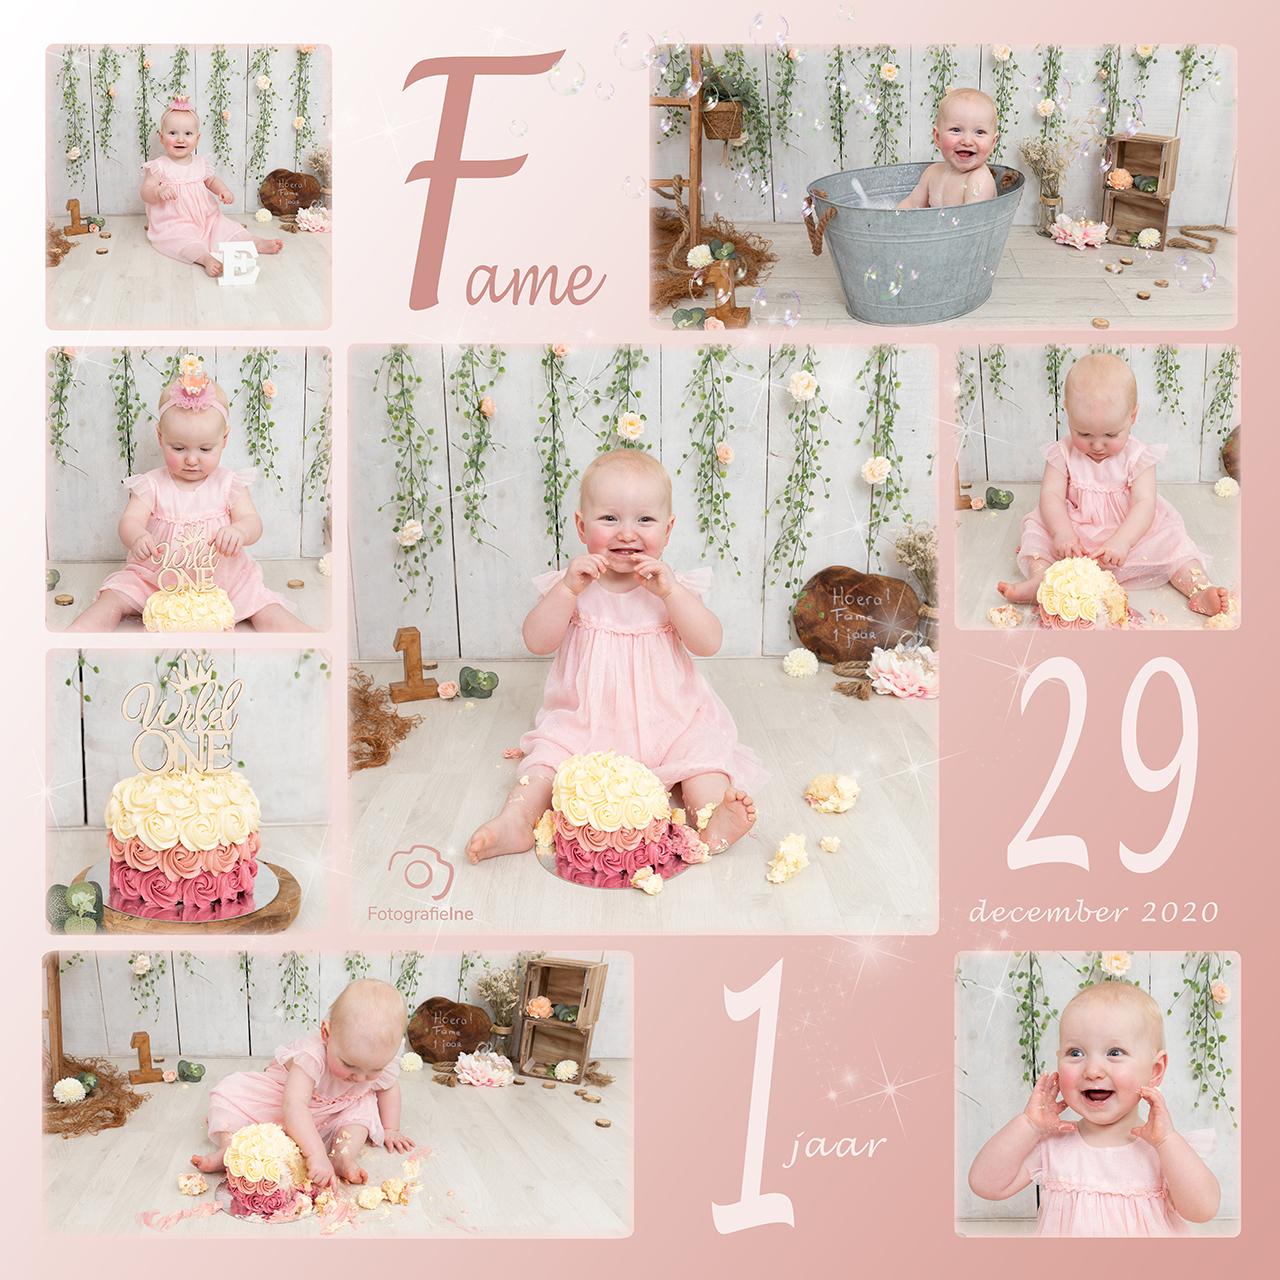 Fotografie Ine collage cakesmash Fame met logosite